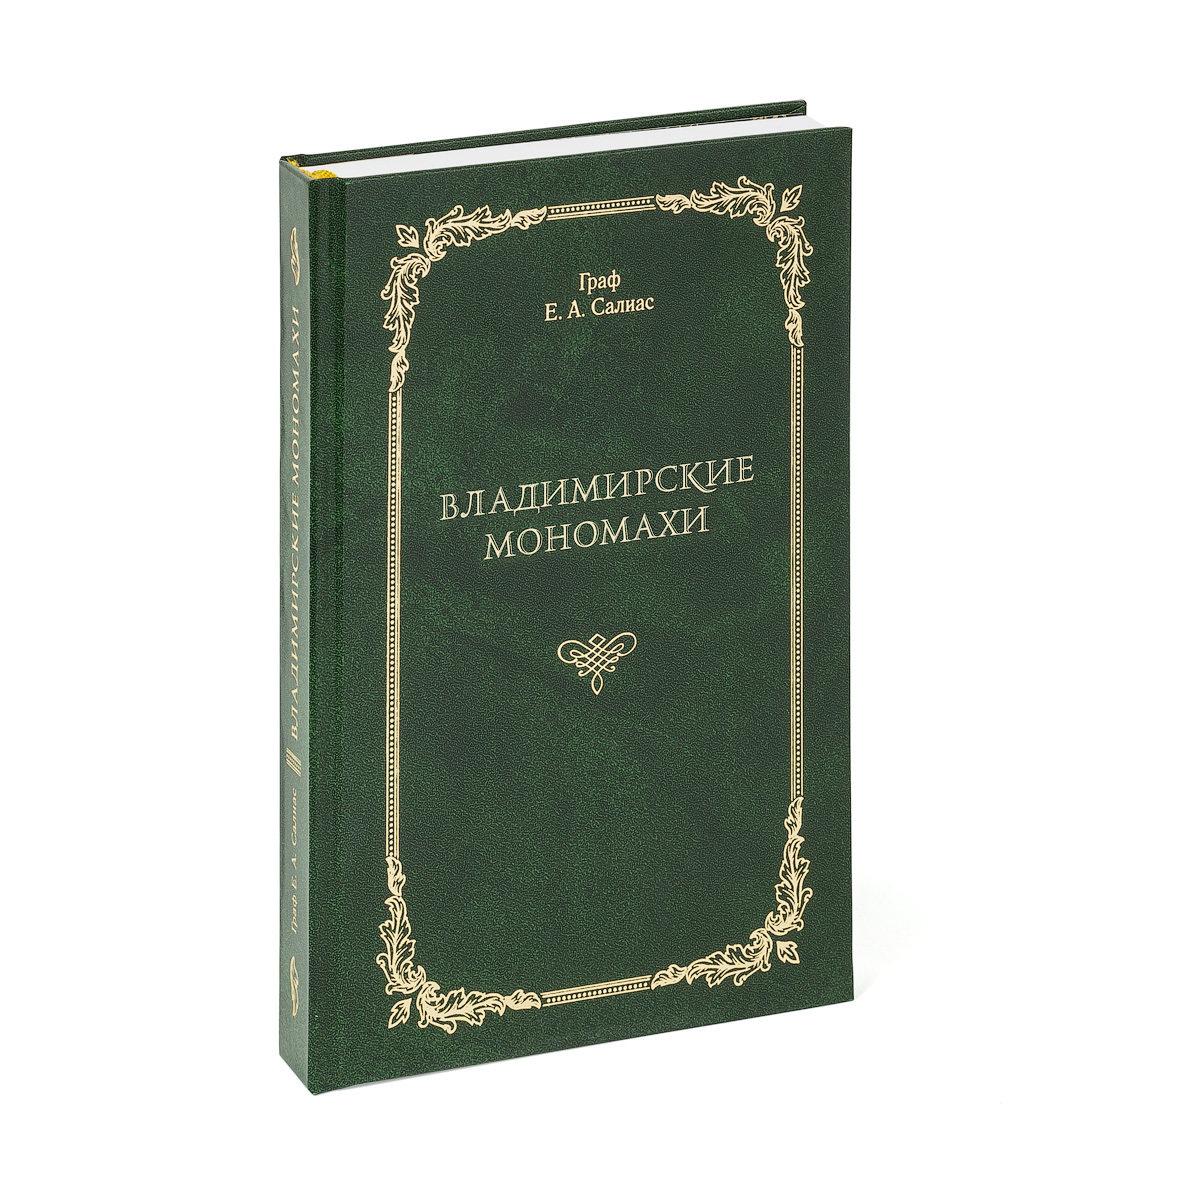 Владимирские мономахи — Граф Е. А. Салиас 00001